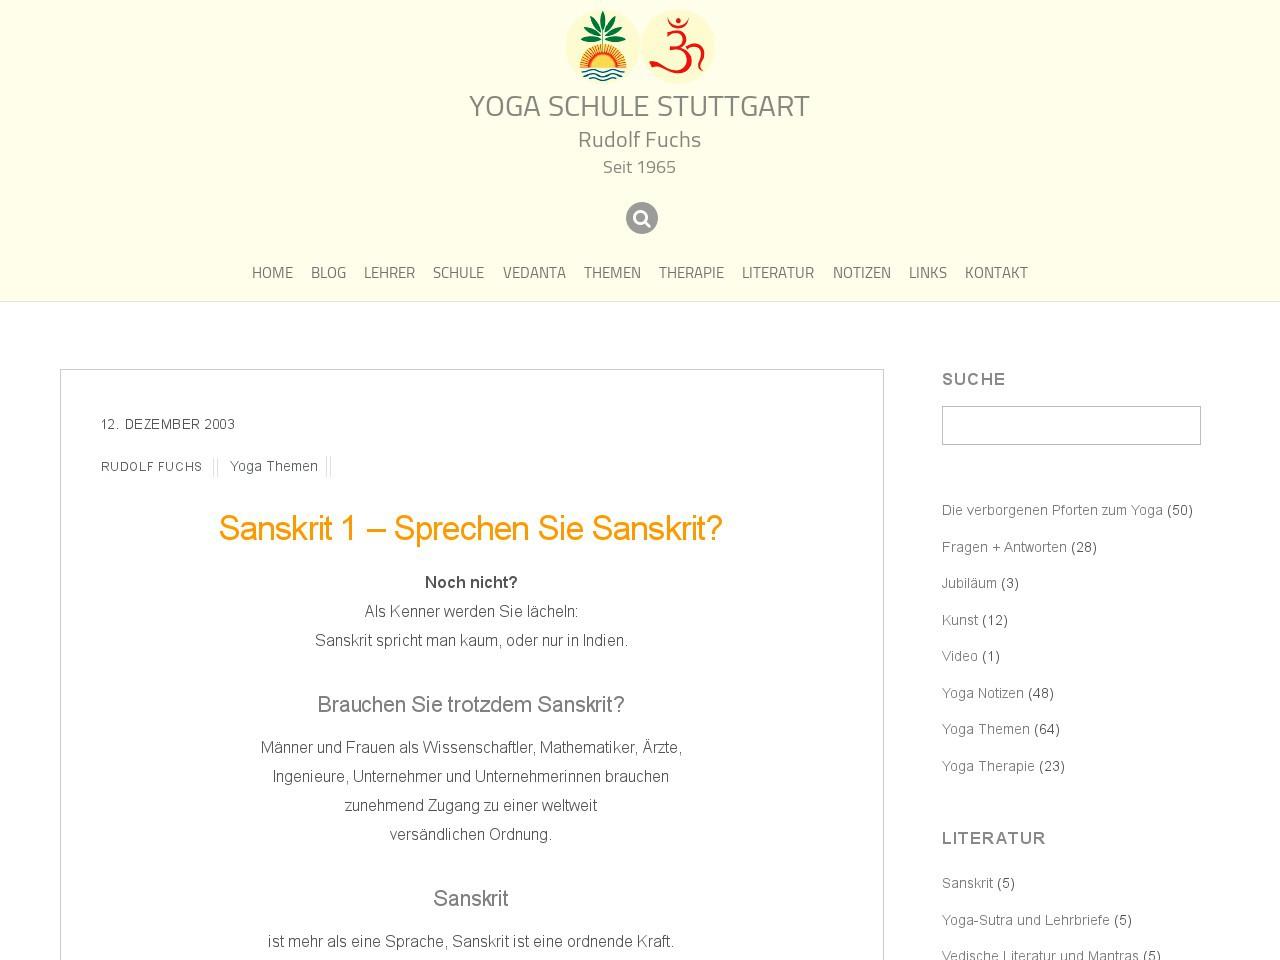 sprechen sie sanskrit